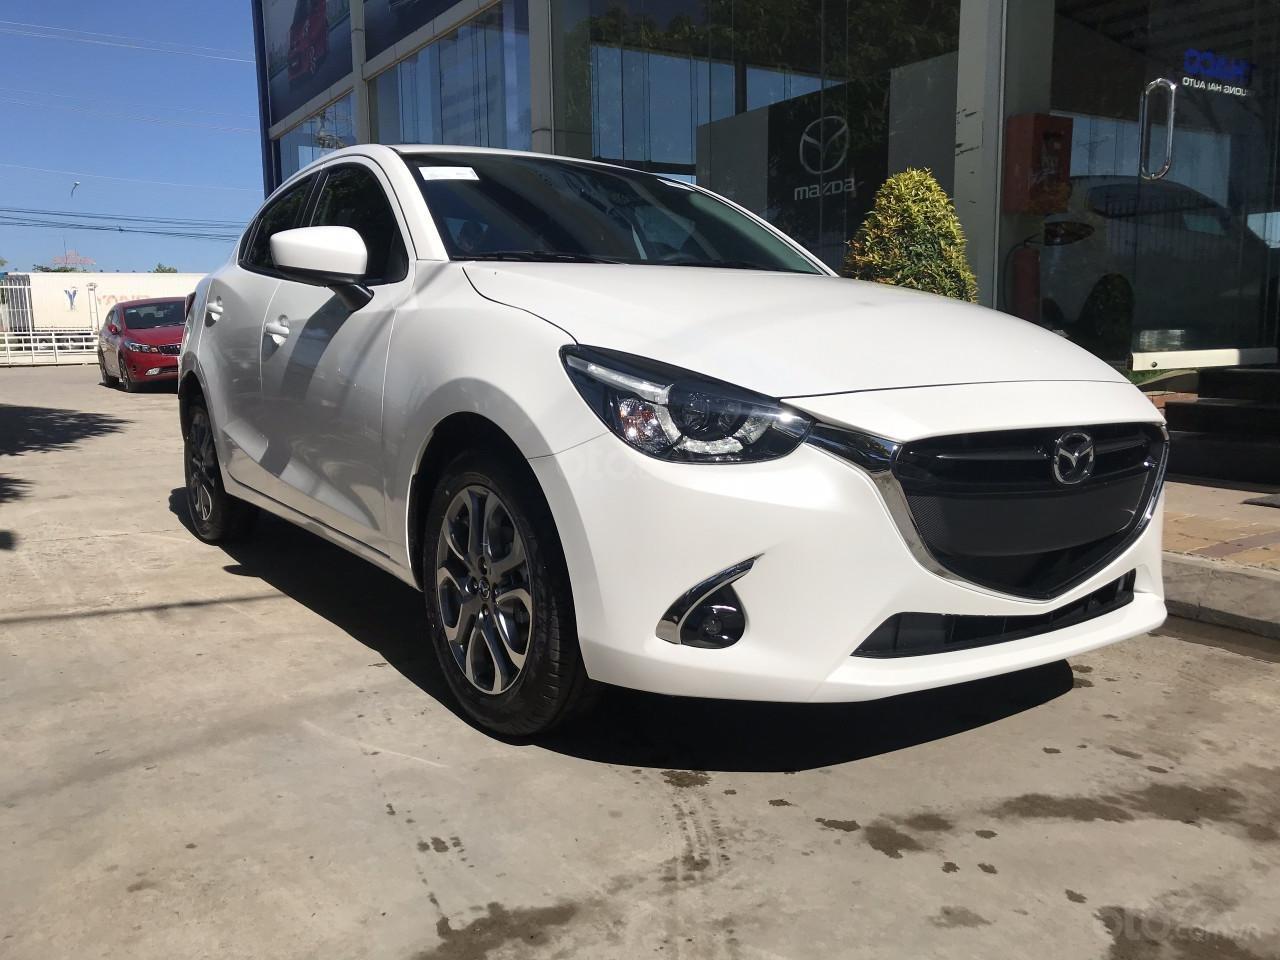 Bán xe Mazda 2 2019 nhập nguyên chiếc Thái Lan, LH: 0938 906 560 Mr. Giang (5)